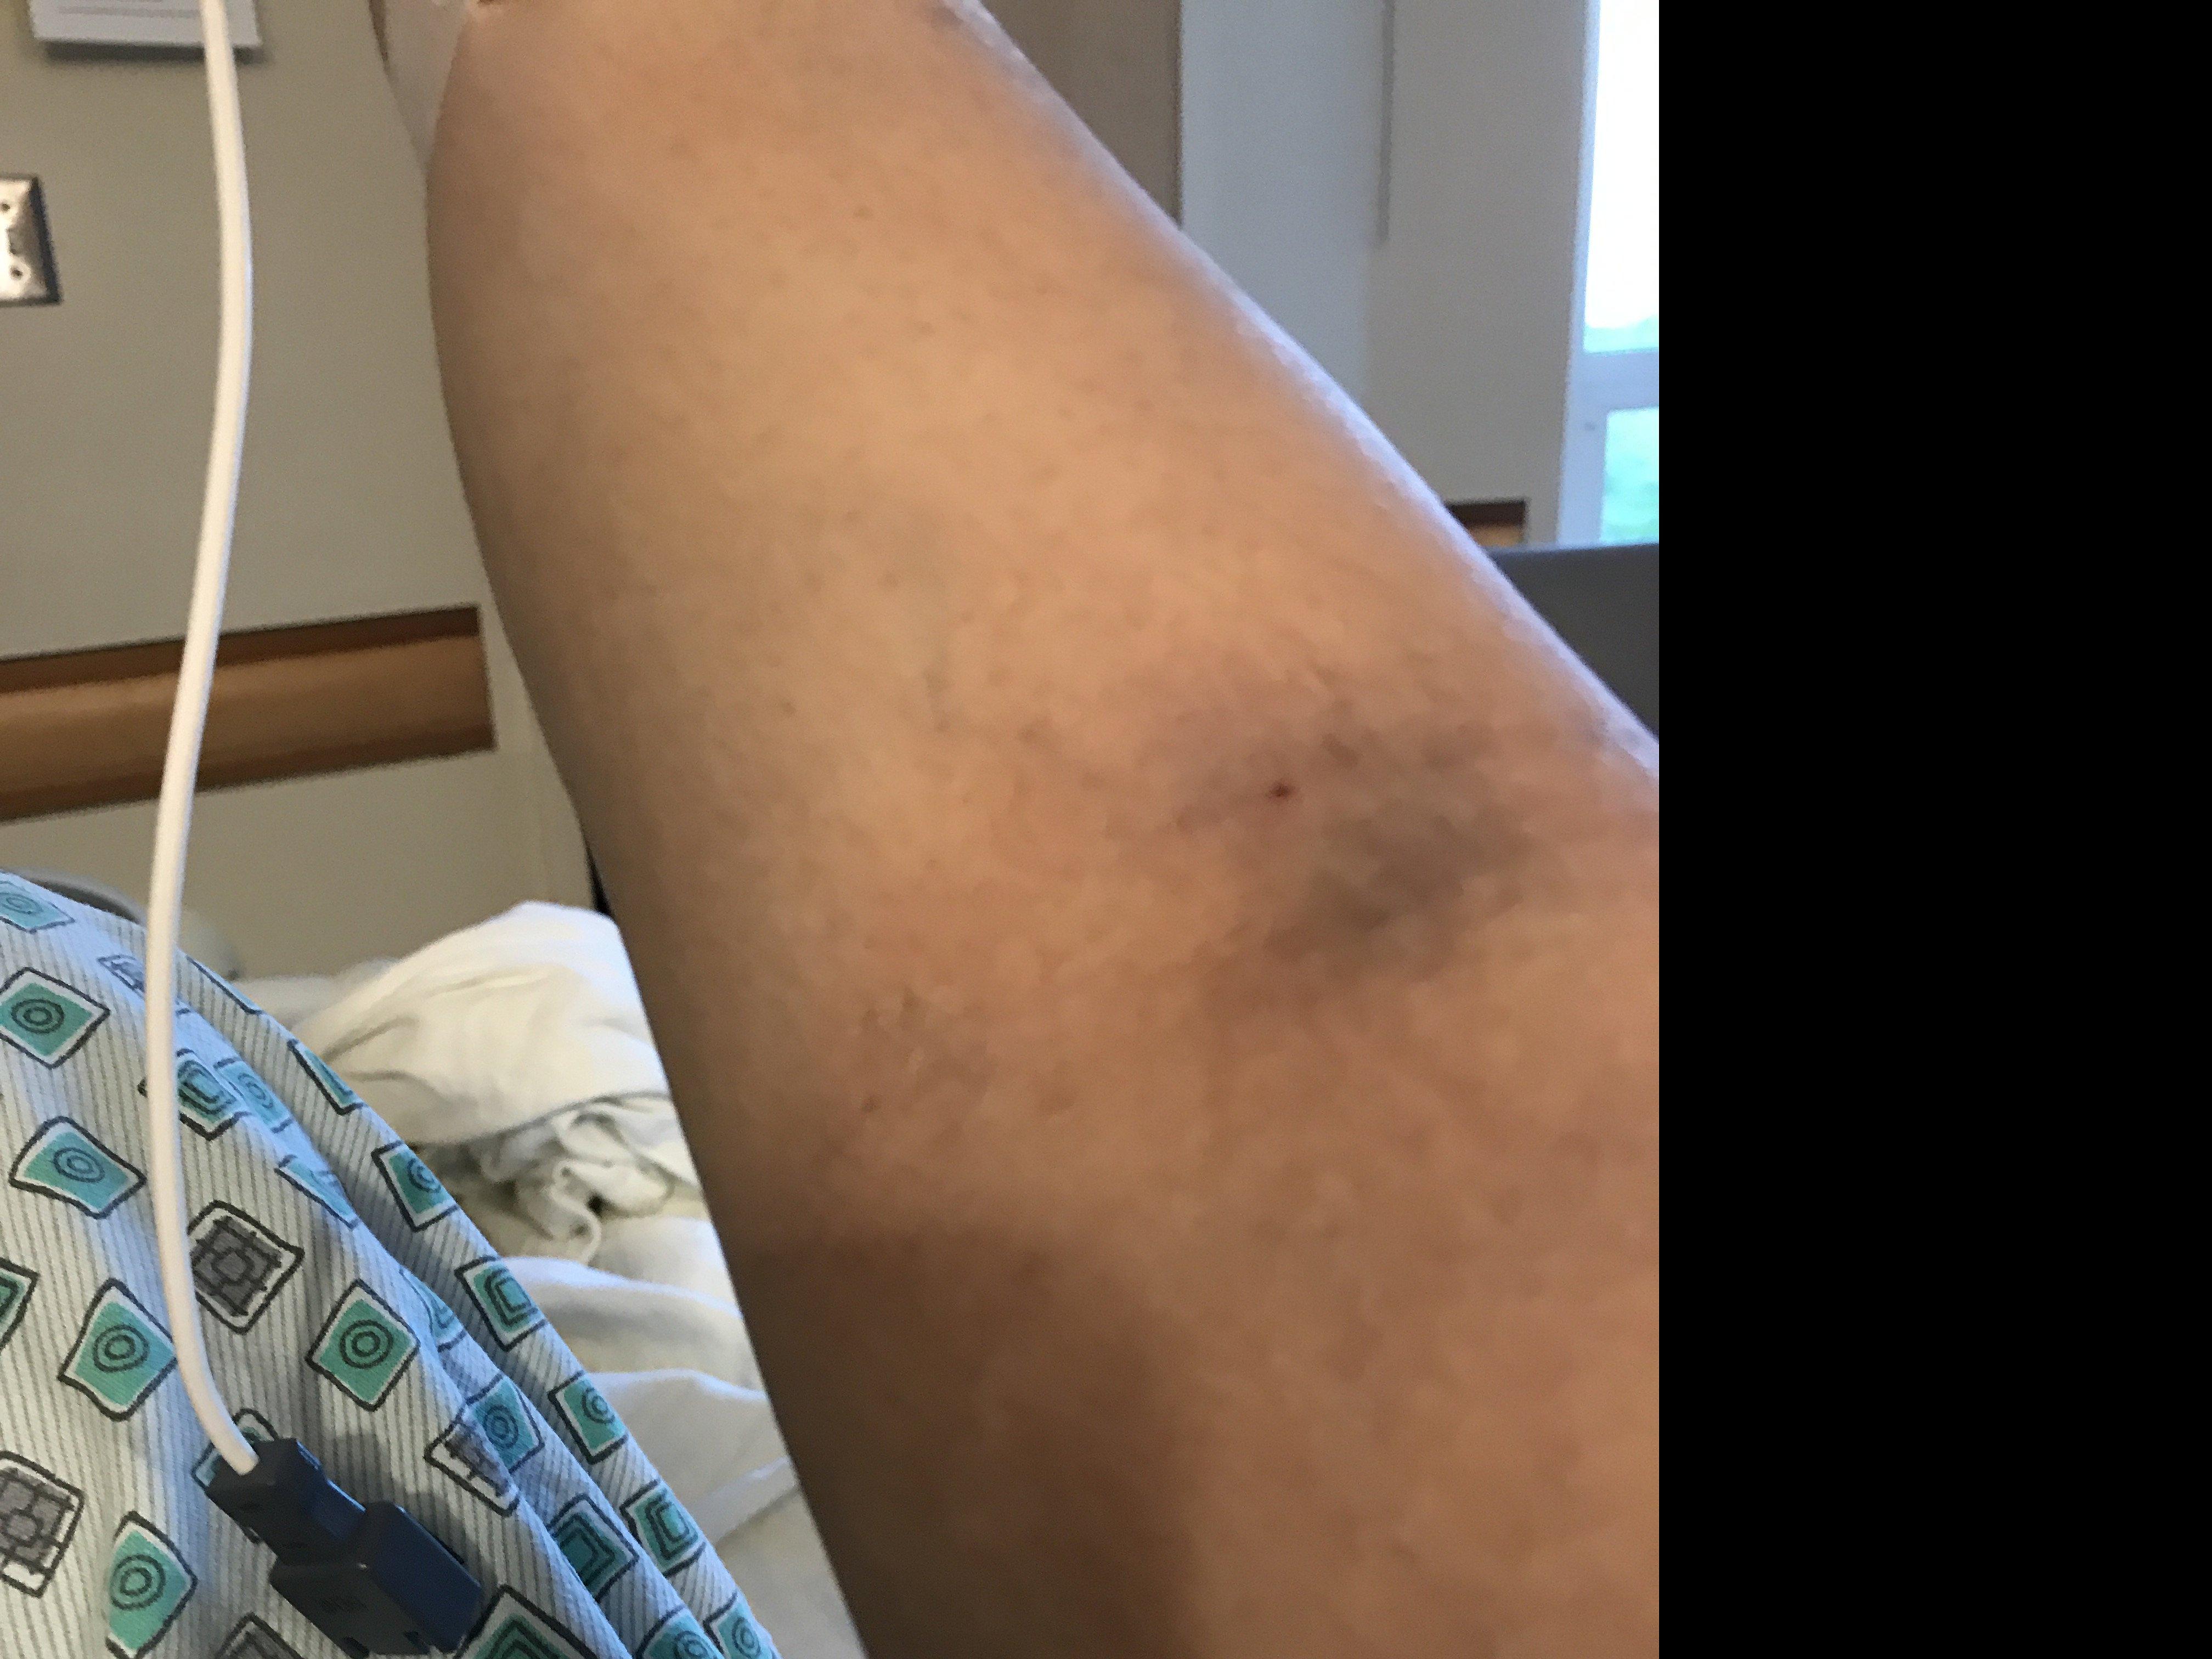 August 1, 2019 Hospital Photos